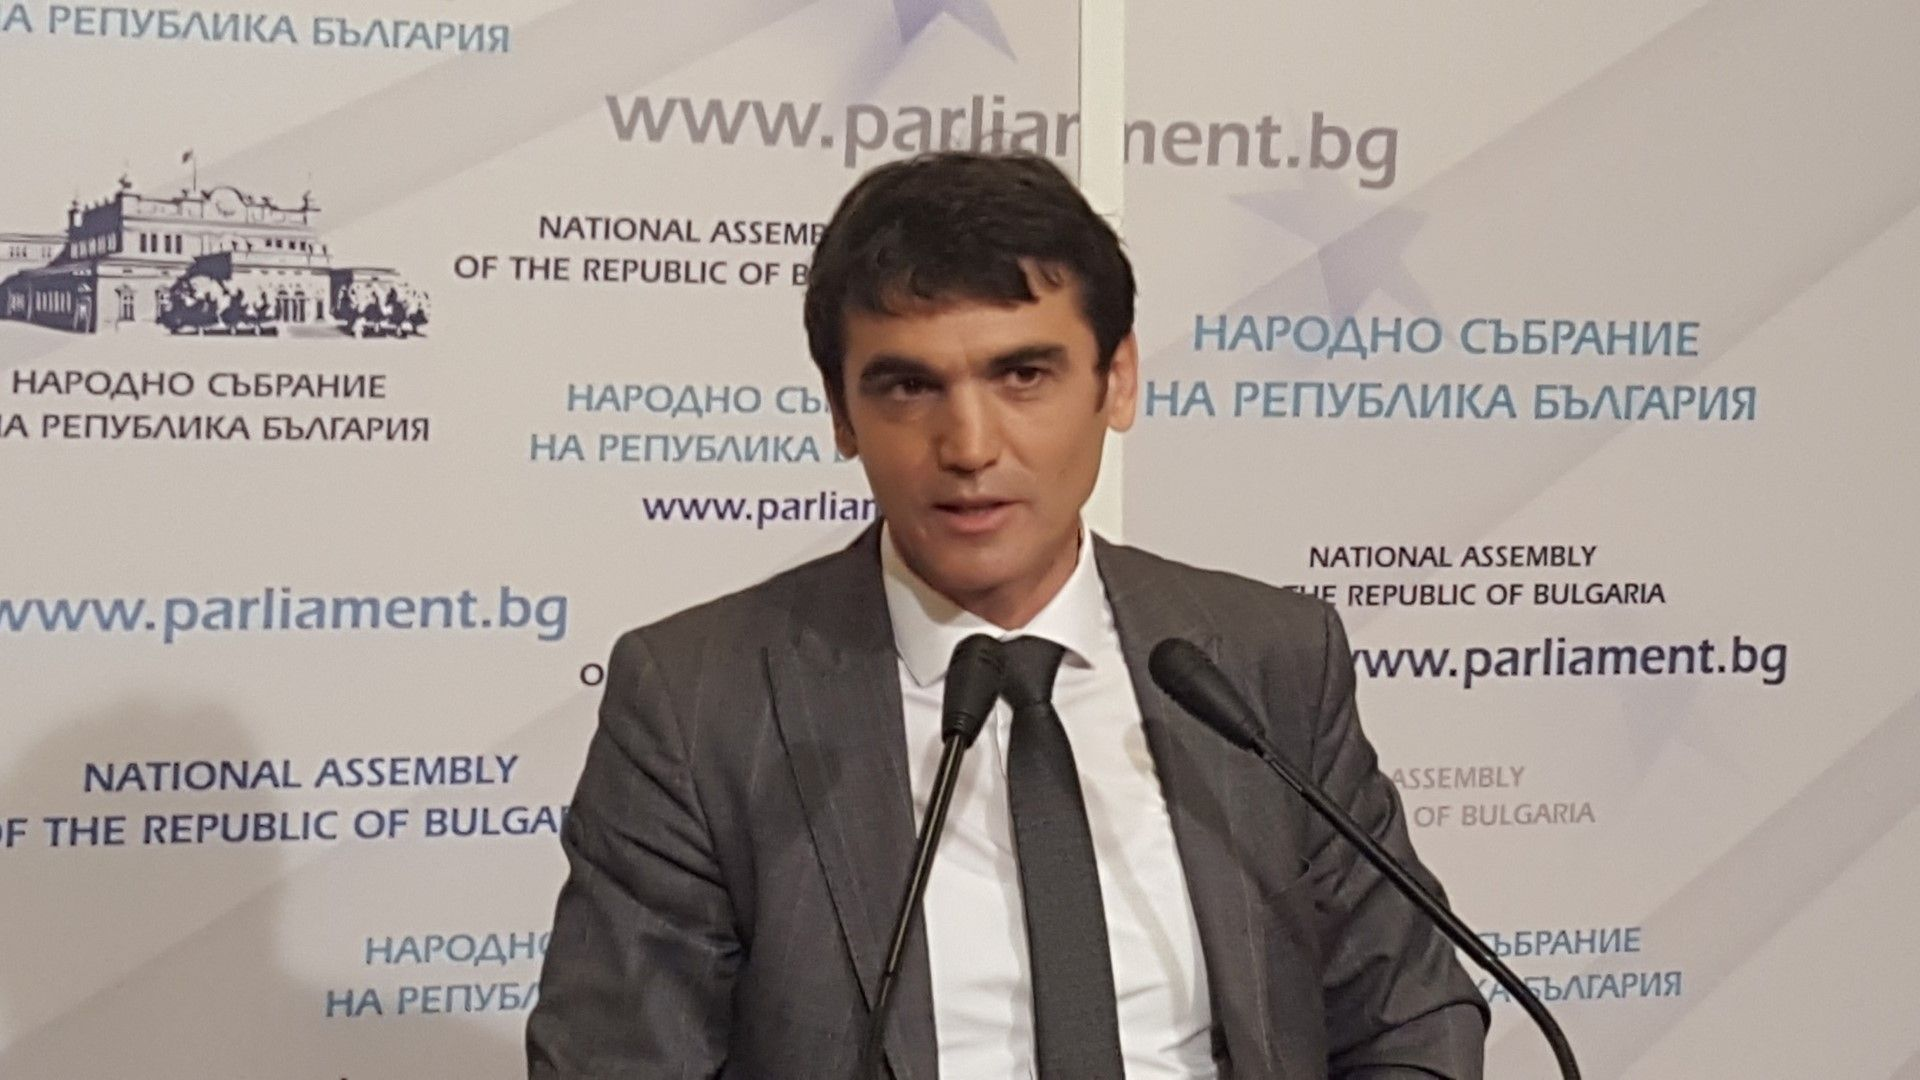 Андон Дончев: Агенцията за българите в чужбина има твърде големи права